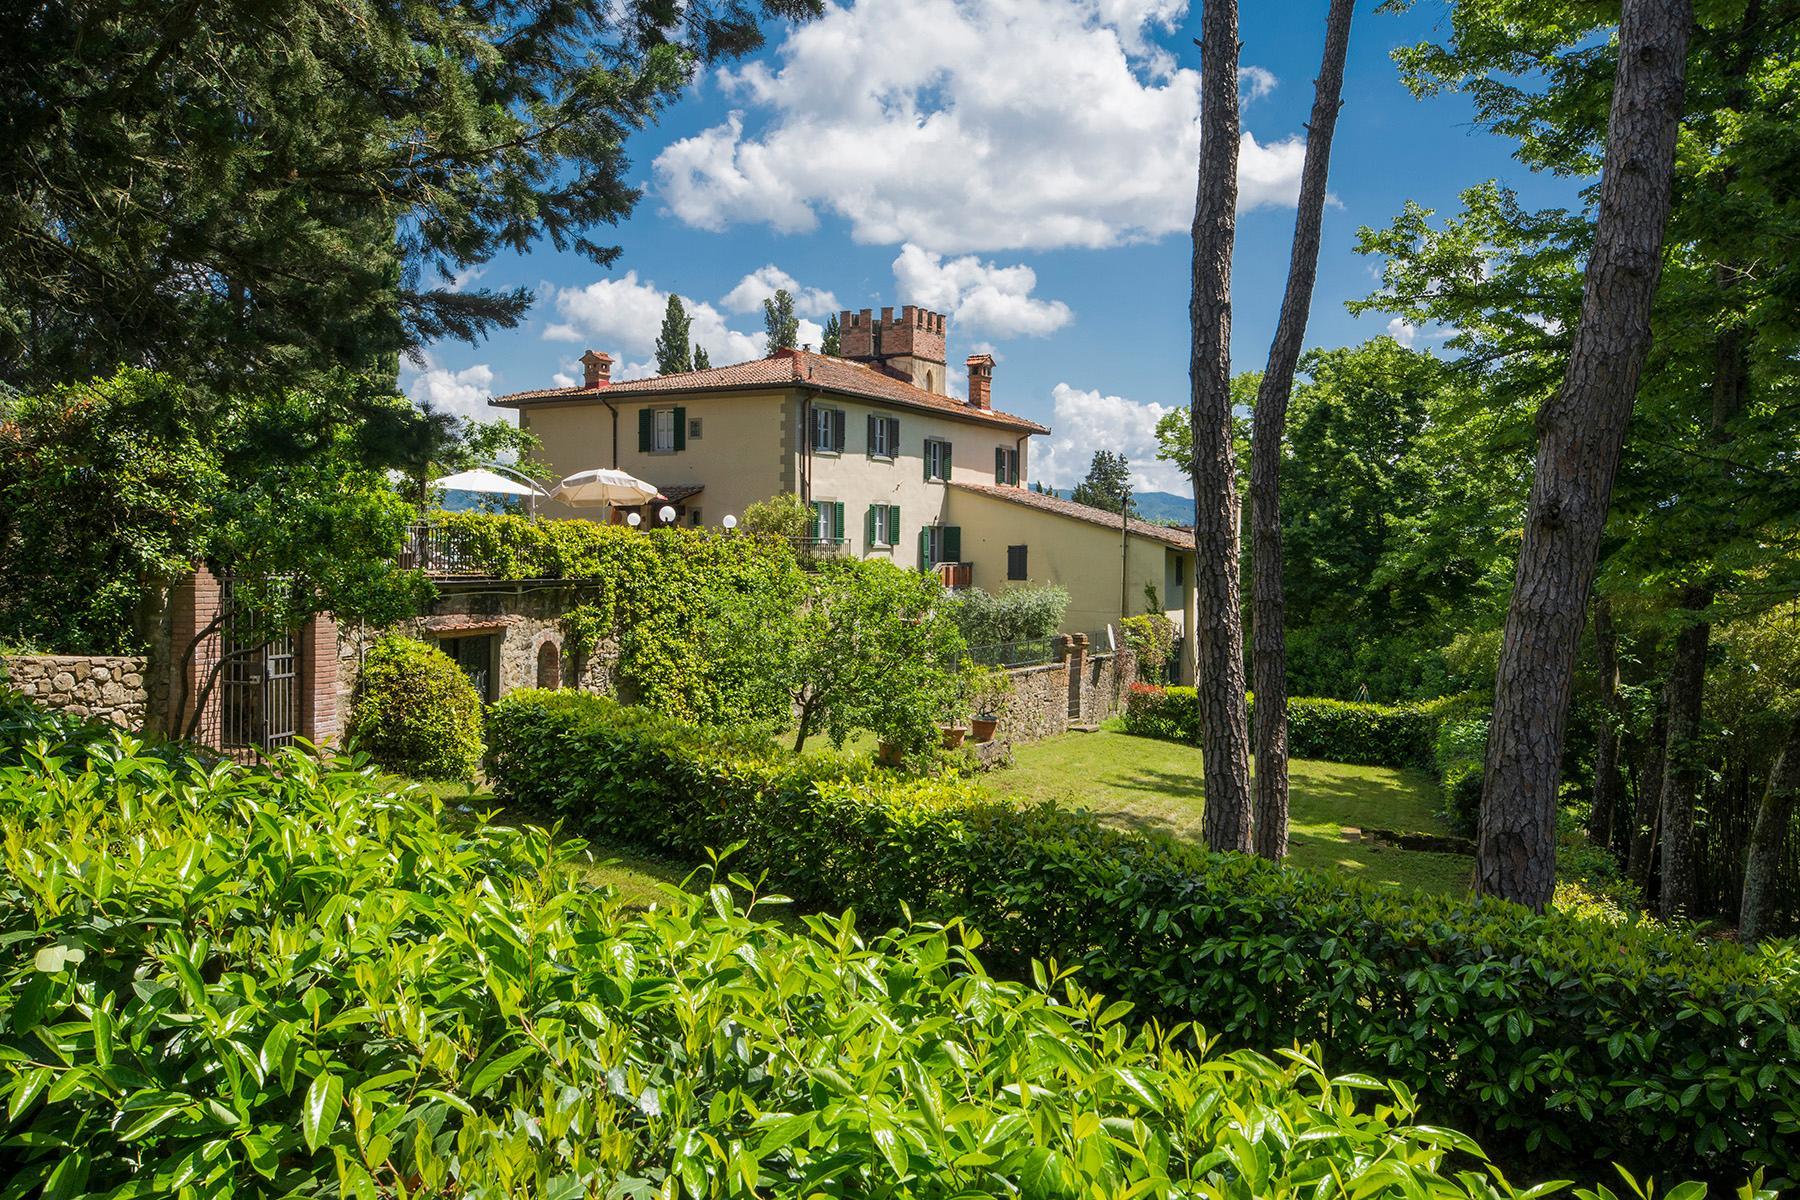 Affascinante Villa Signorile nella Val di Sieve - 3